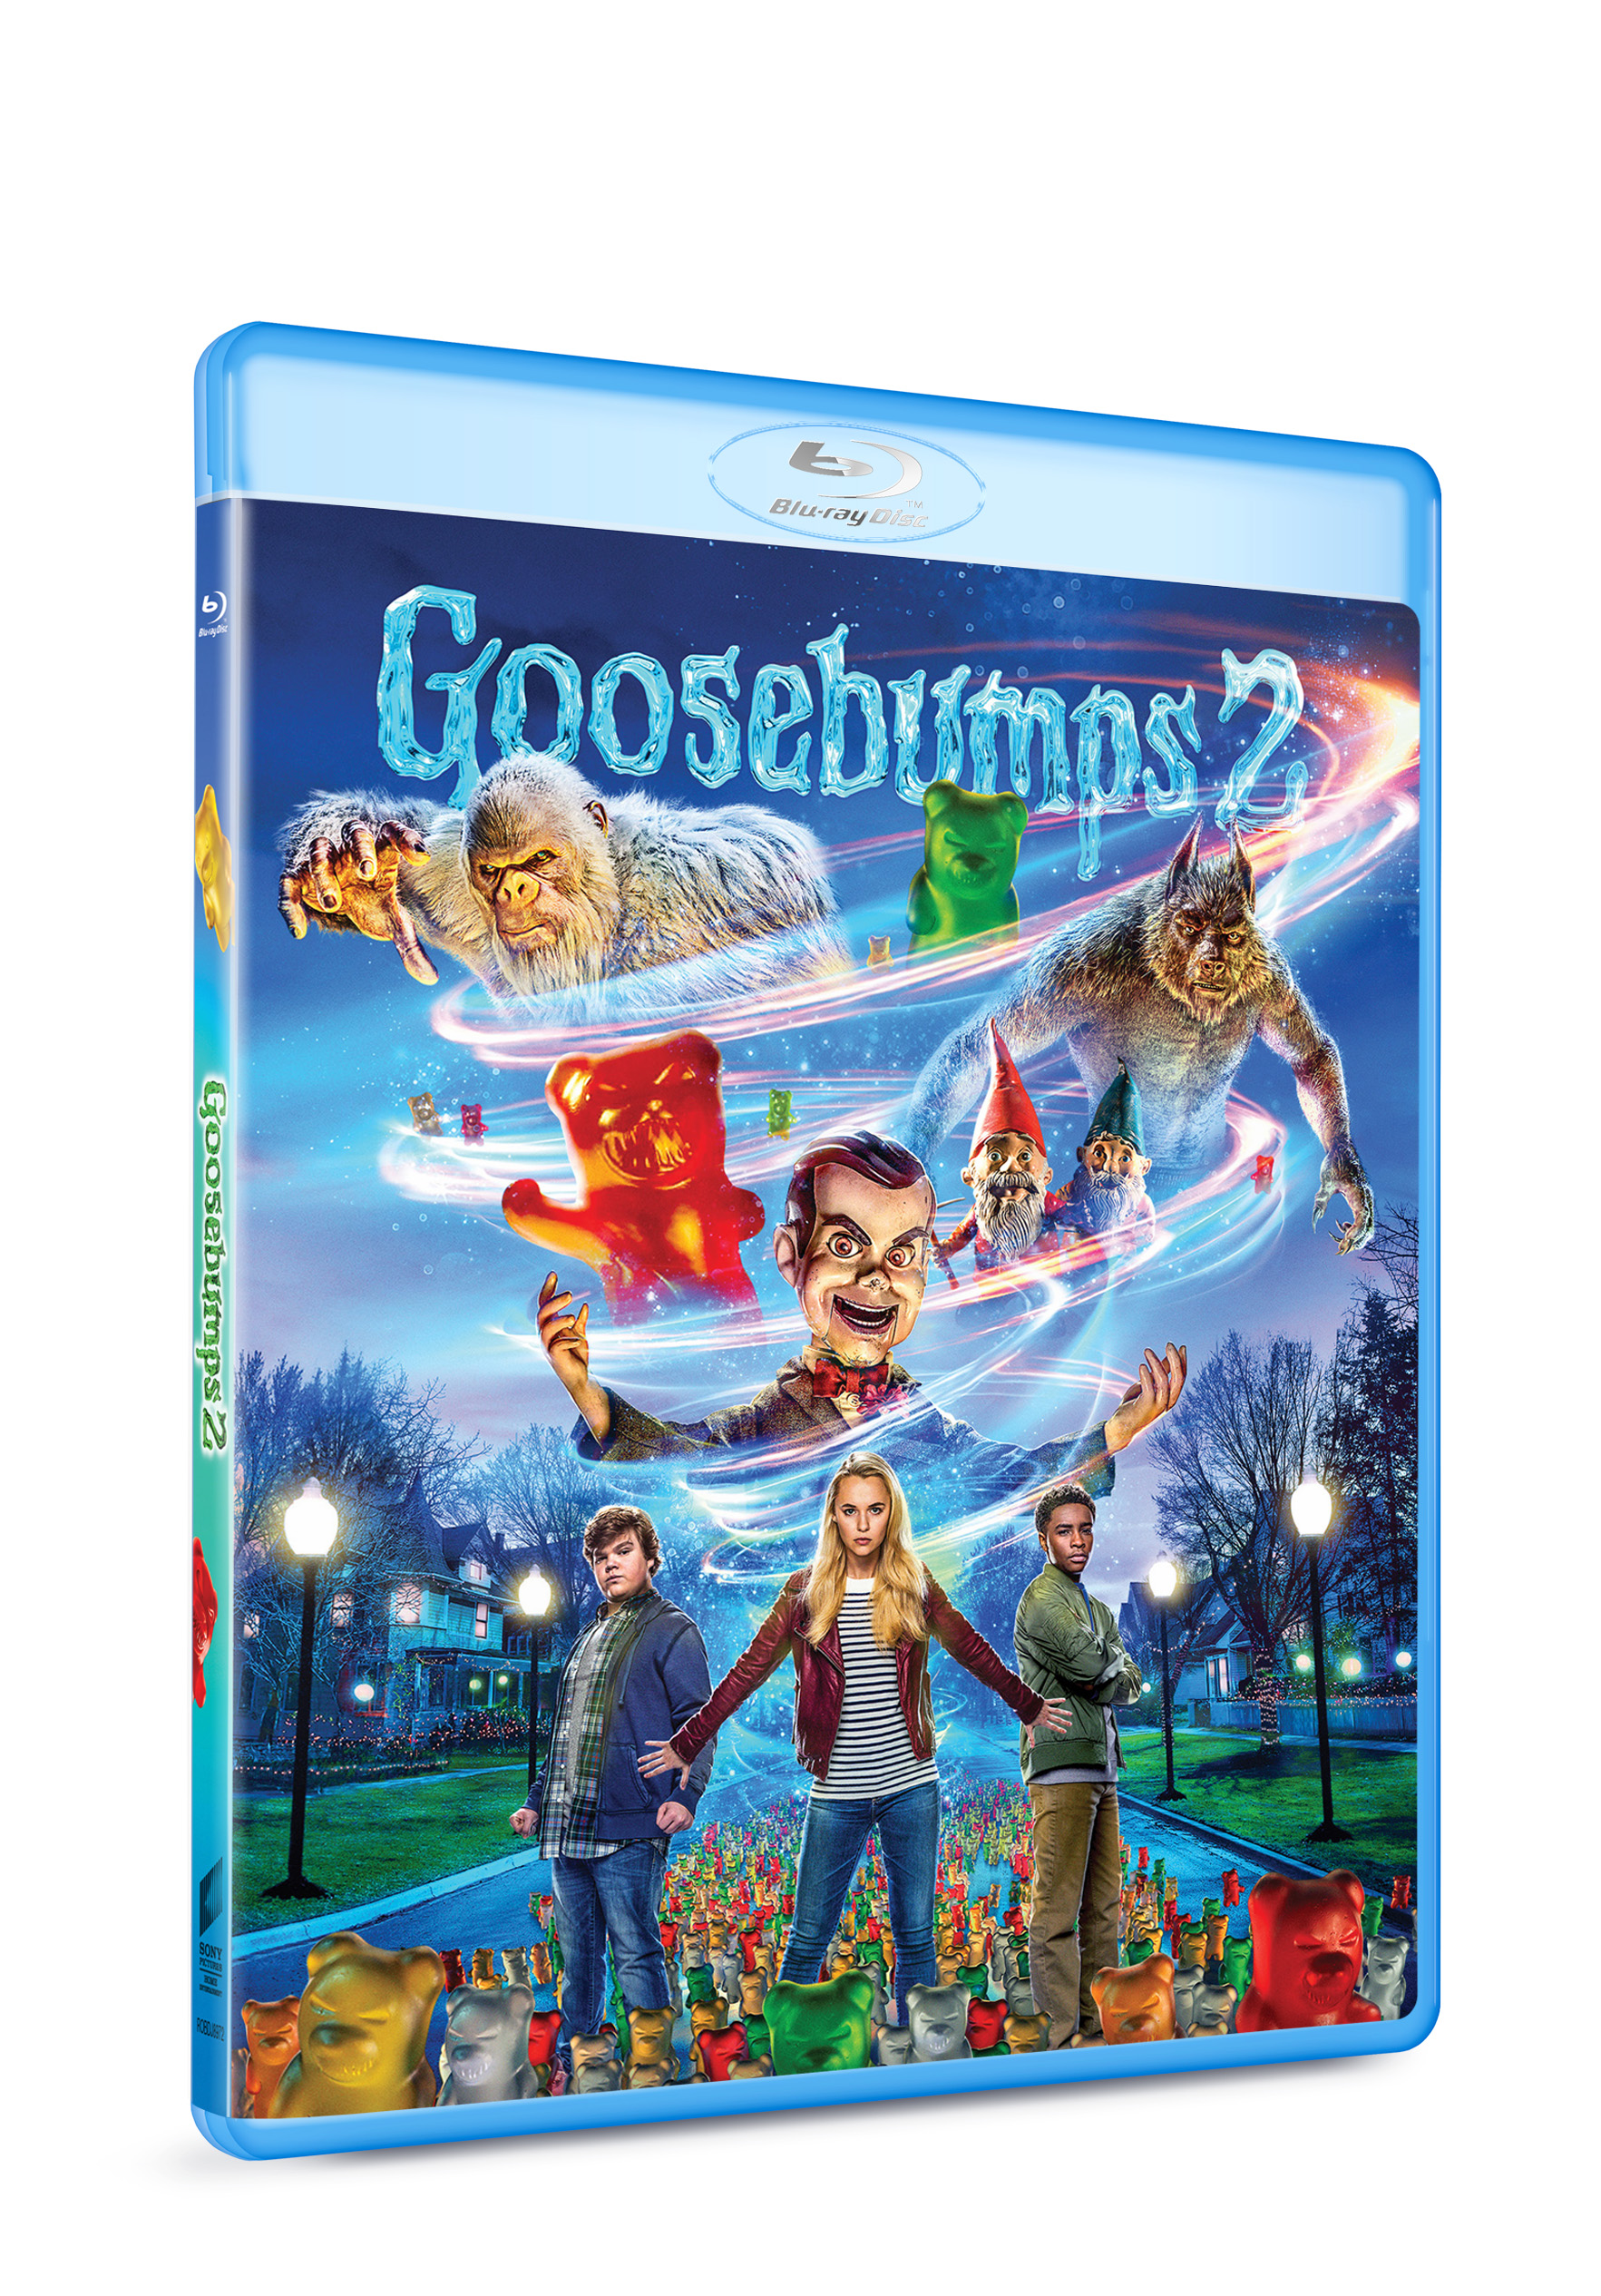 Iti facem parul maciuca! 2 / Goosebumps 2 (Blu-Ray Disc) thumbnail